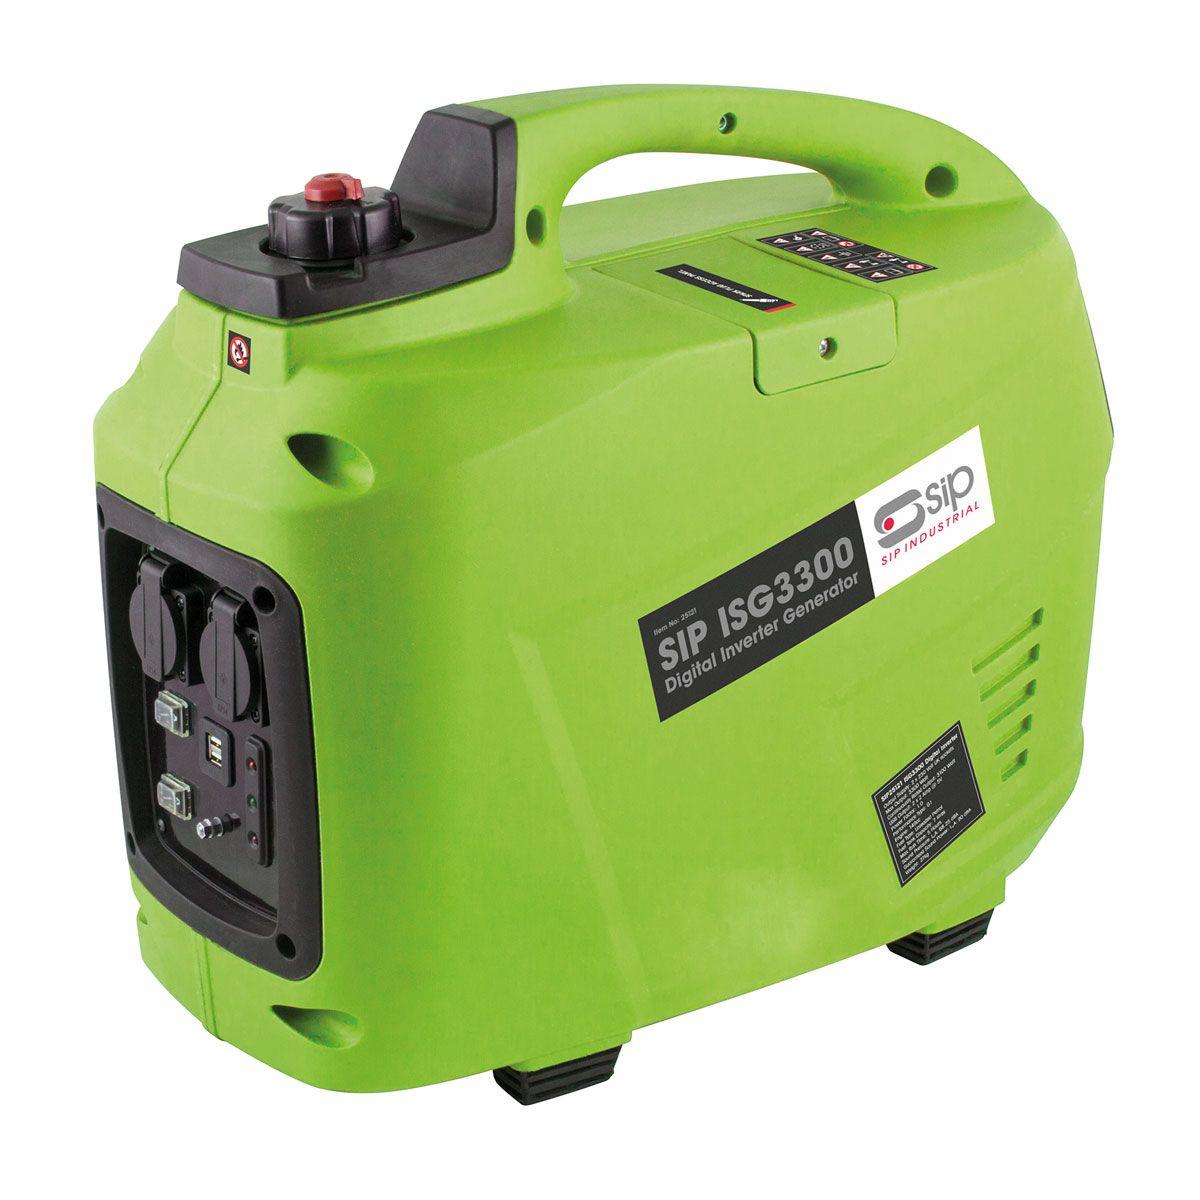 SIP ISG3300 Digital Petrol Inverter Generator